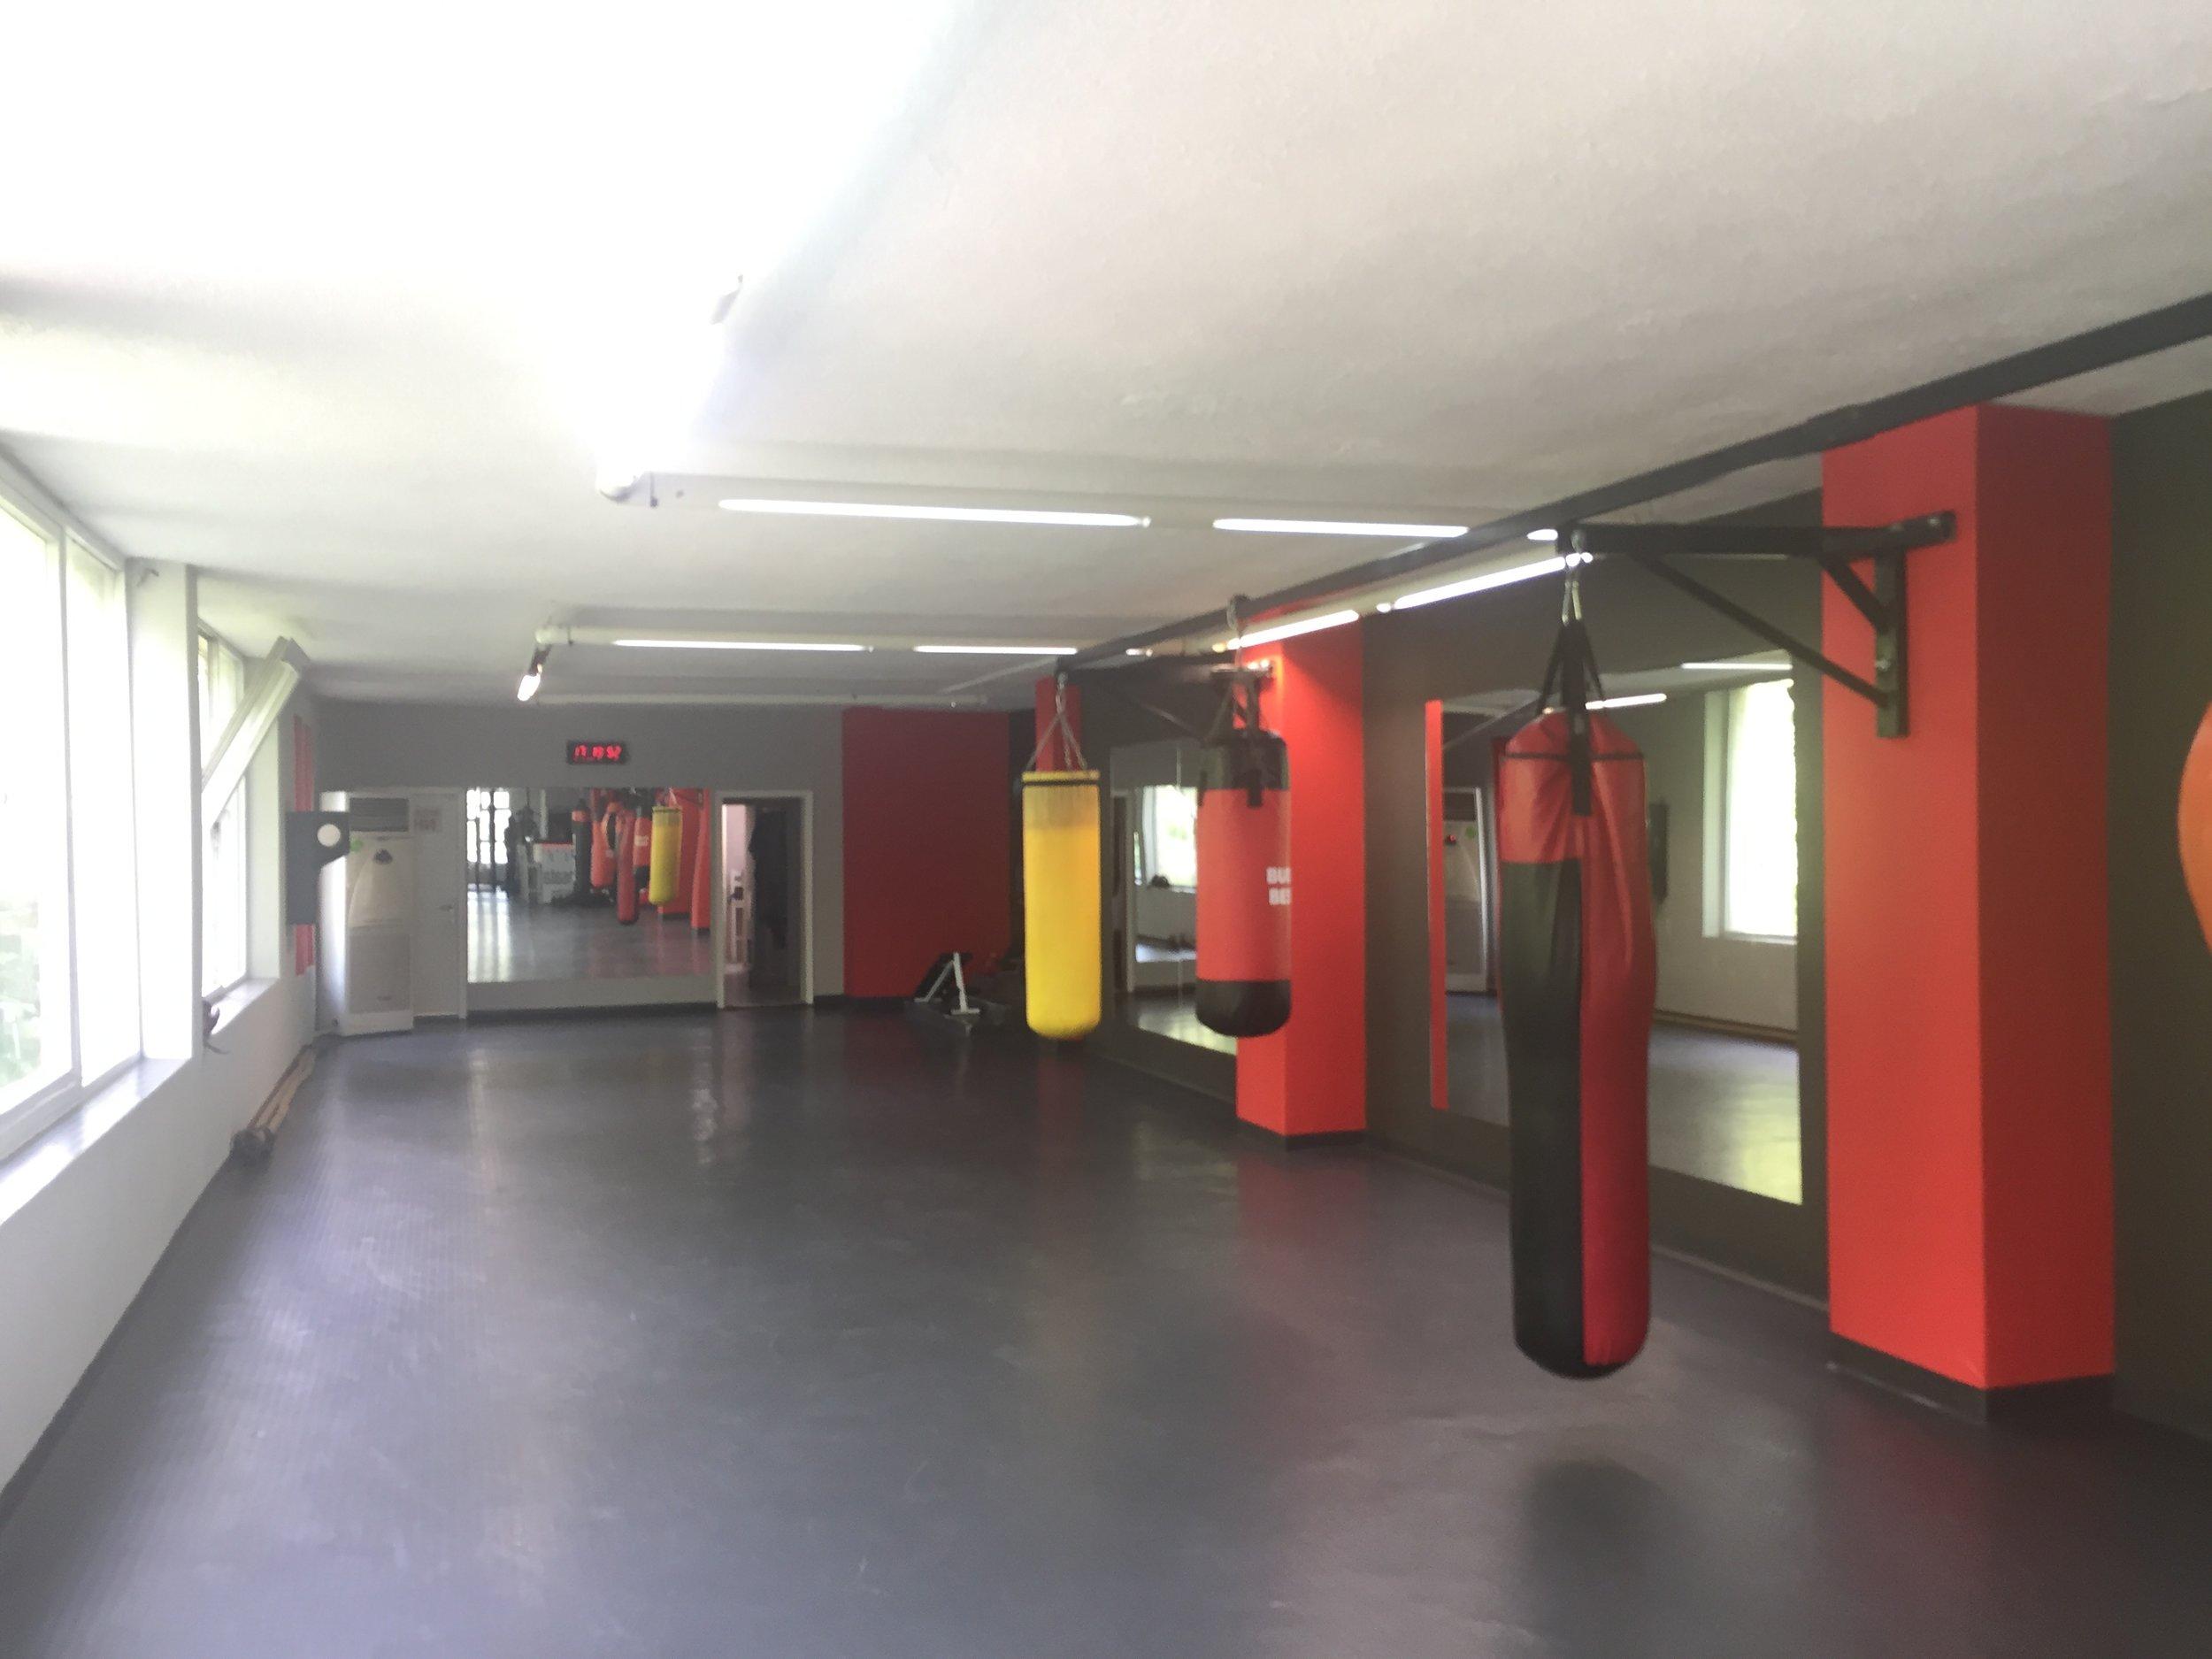 Fight club design SIla, Vratsa